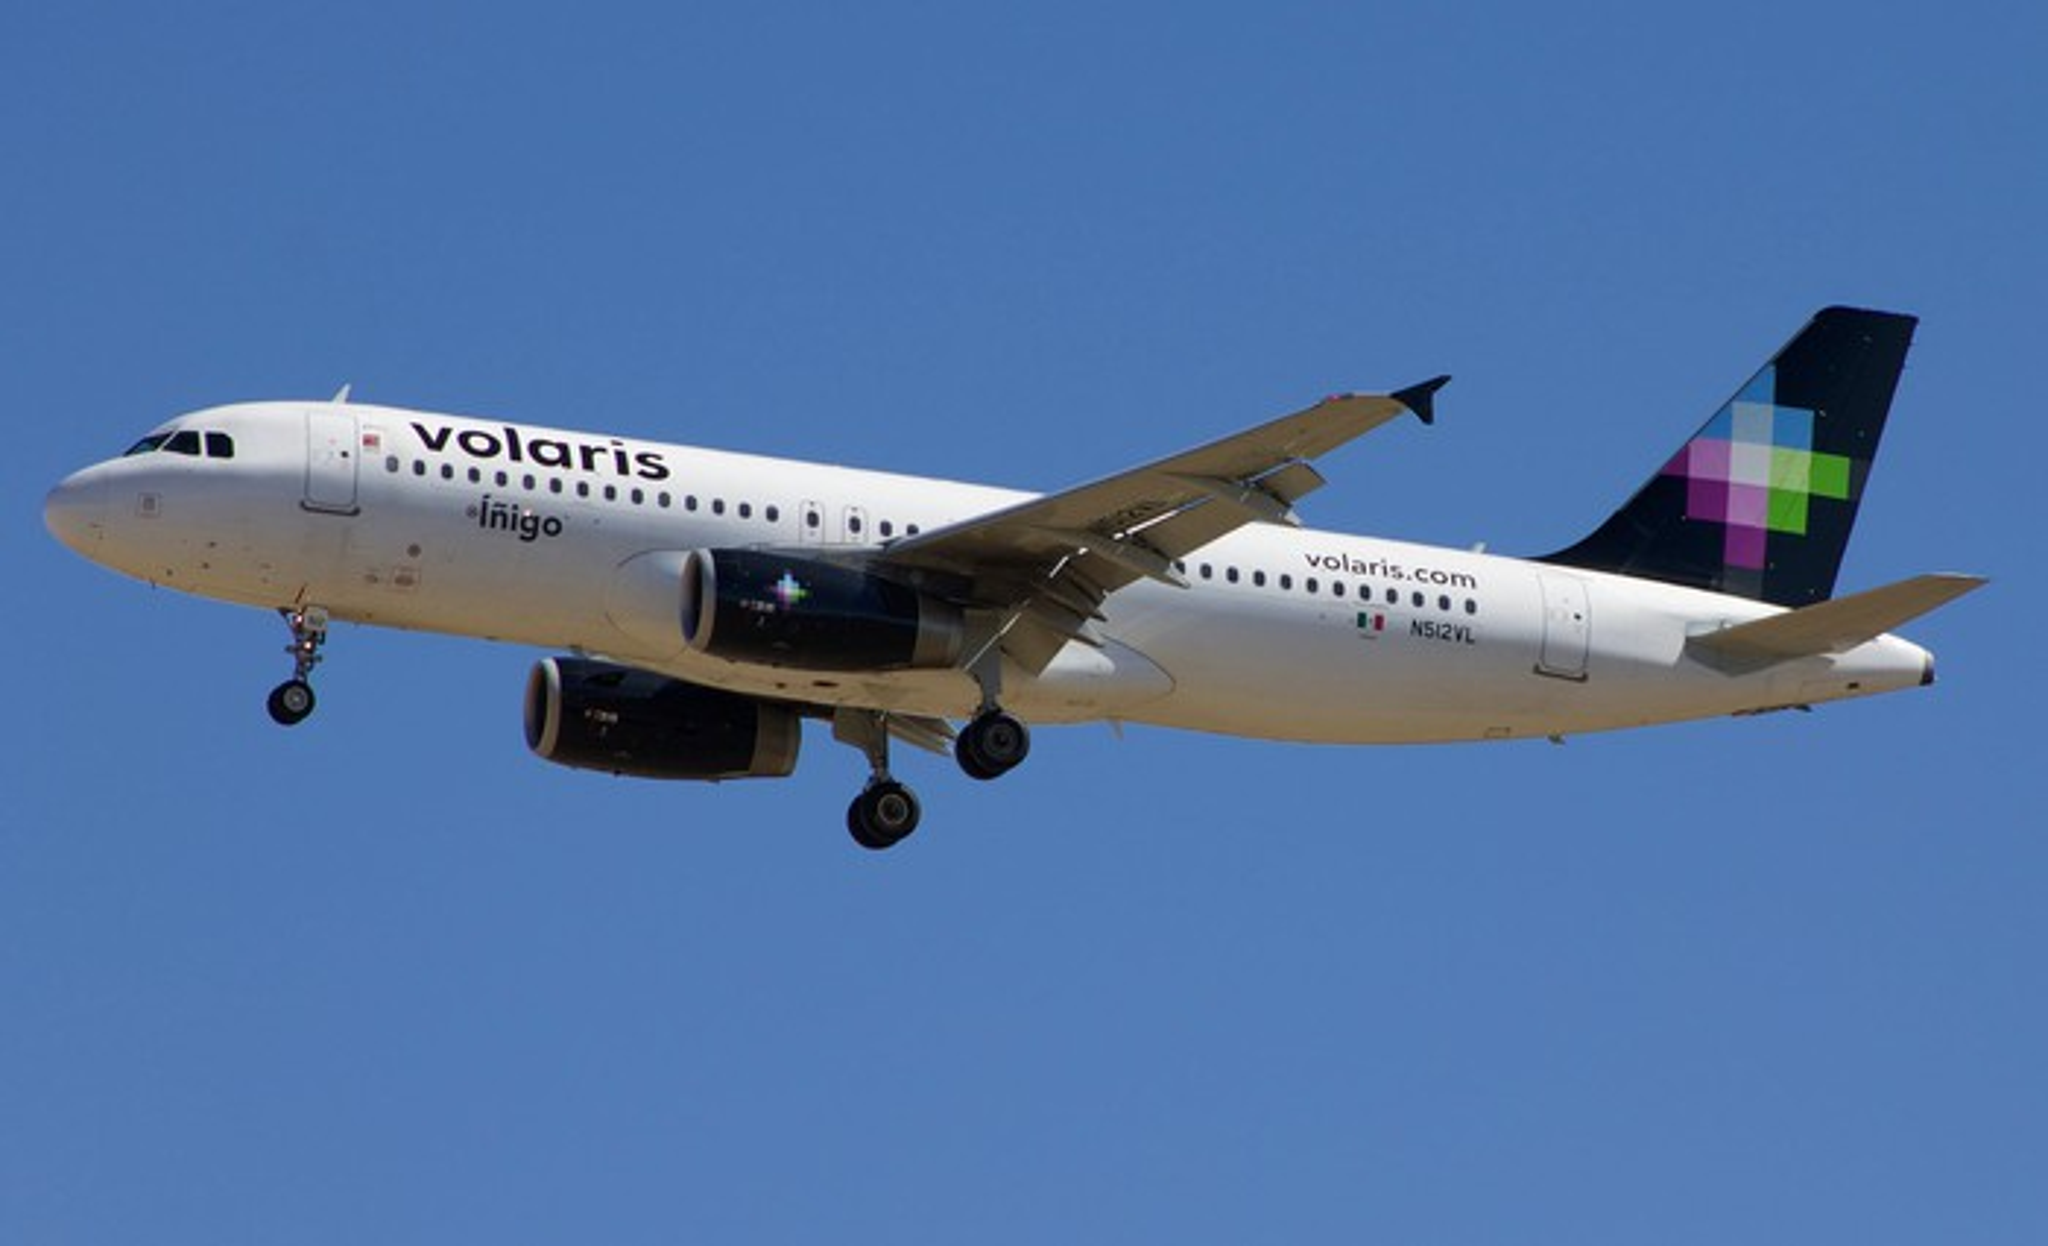 A Volaris airplane in flight under blue skies